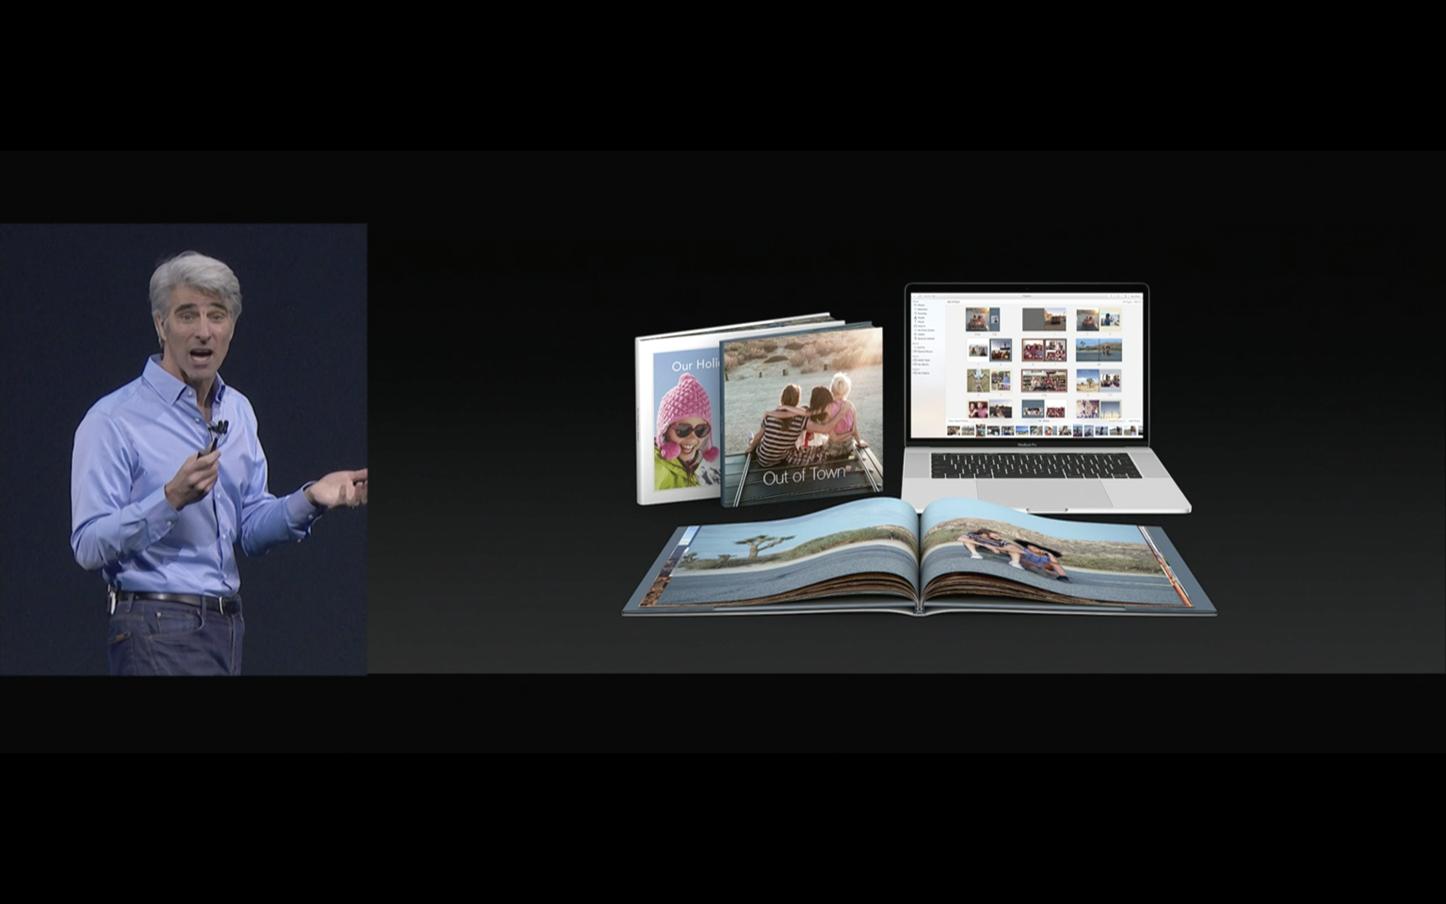 macOS-High-Sierra-2017-WWDC17-13.png